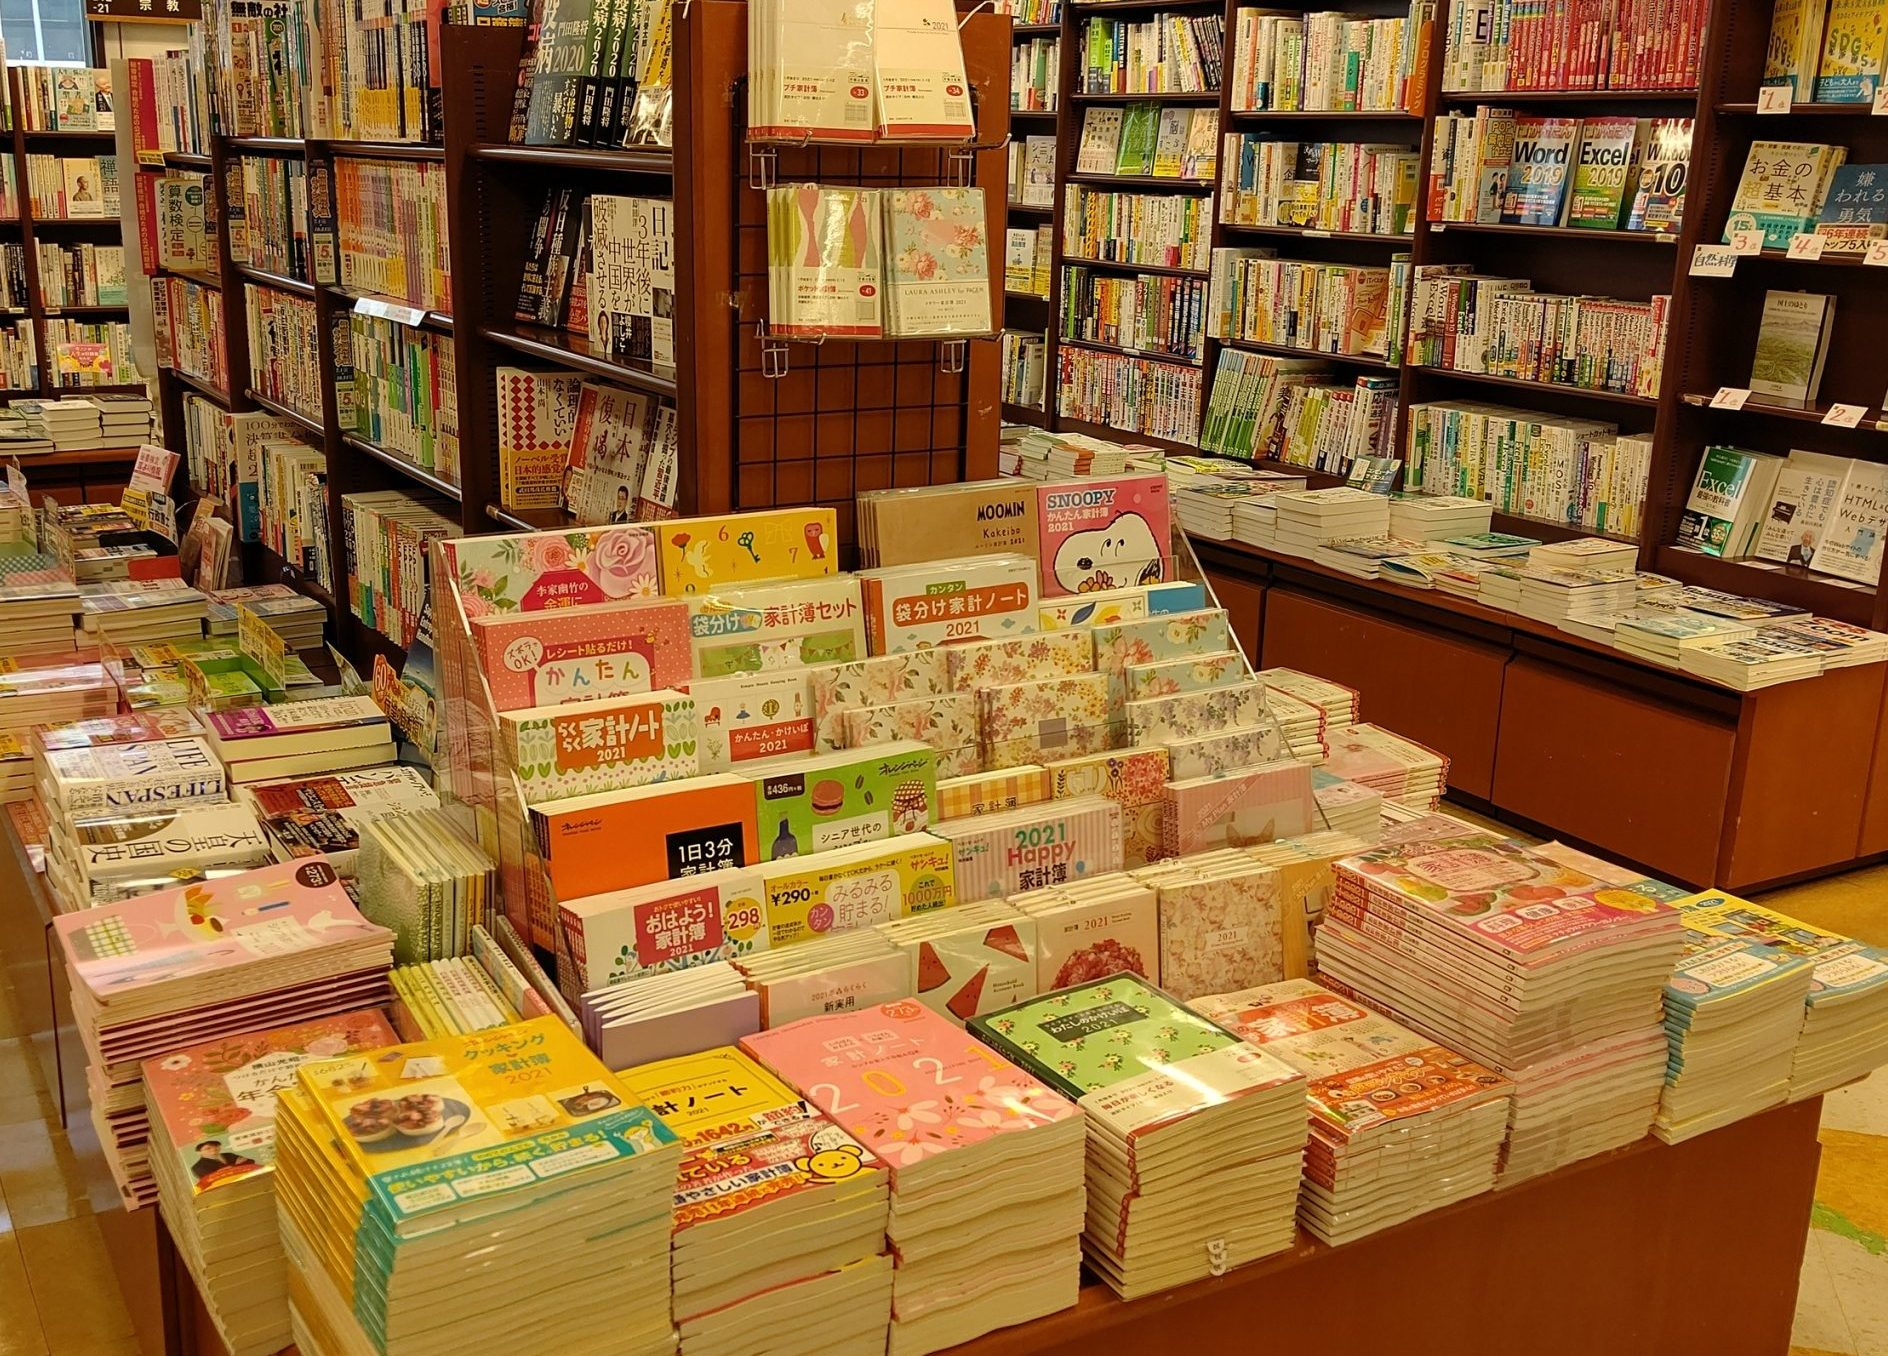 紀伊國屋書店:家計簿コーナー、設置しました